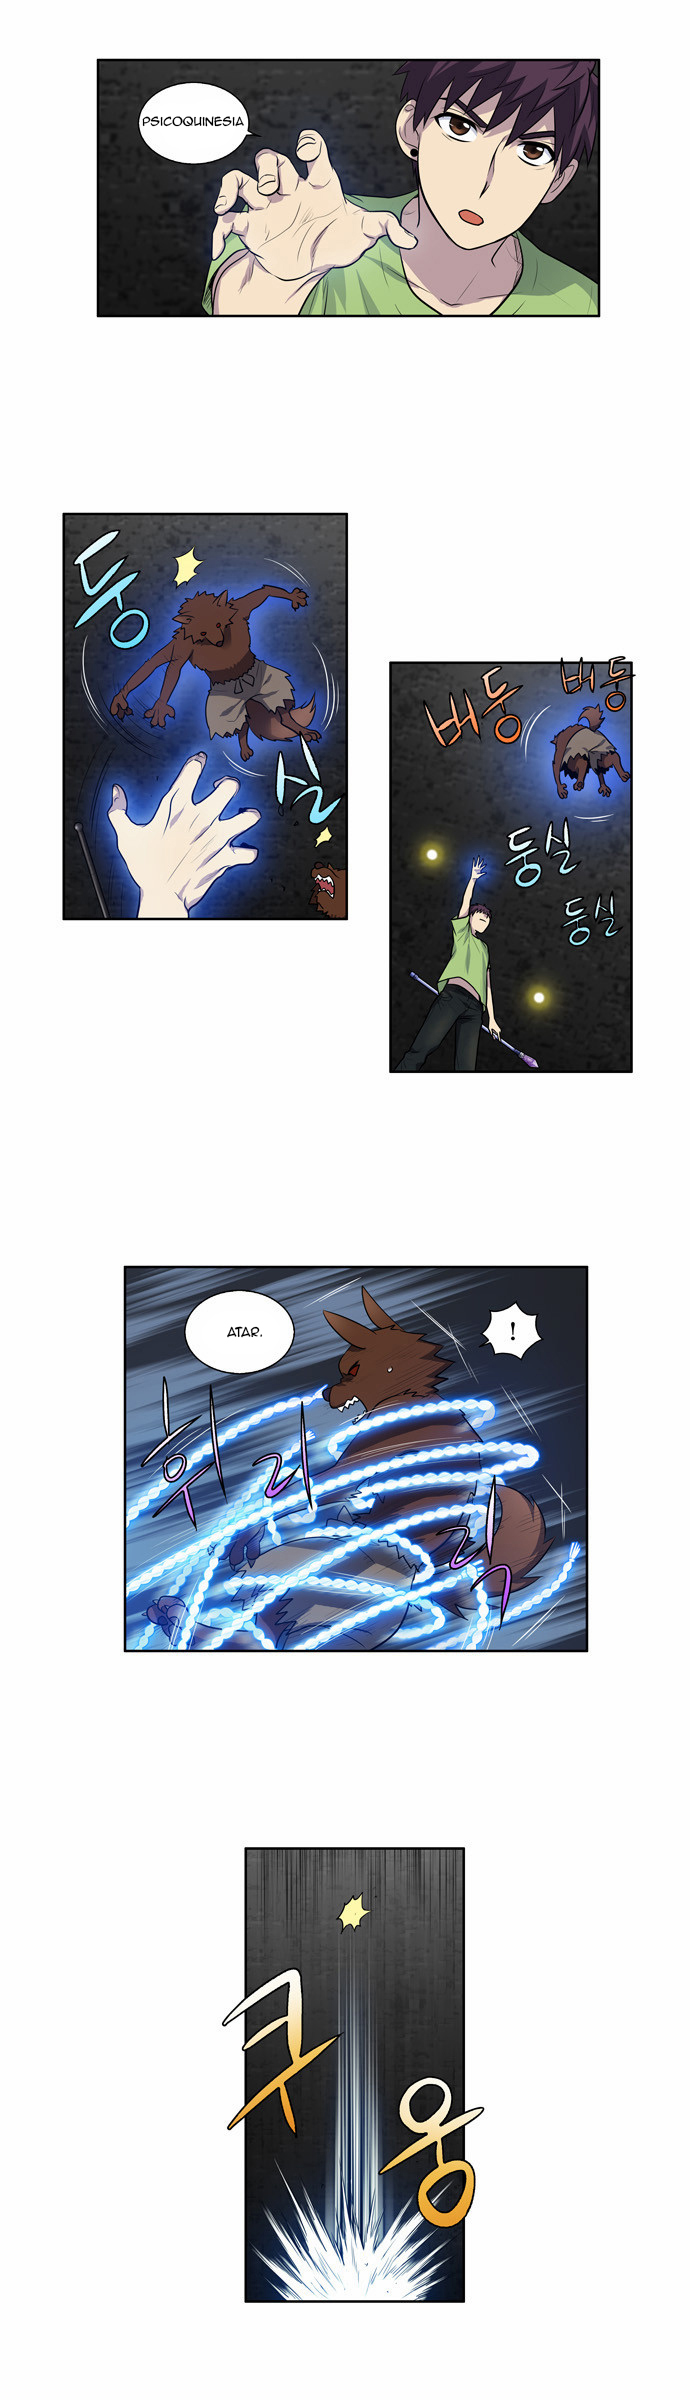 https://c5.ninemanga.com/es_manga/61/1725/420675/545785d85b6c4dd3e10f3c9a43e41a15.jpg Page 18